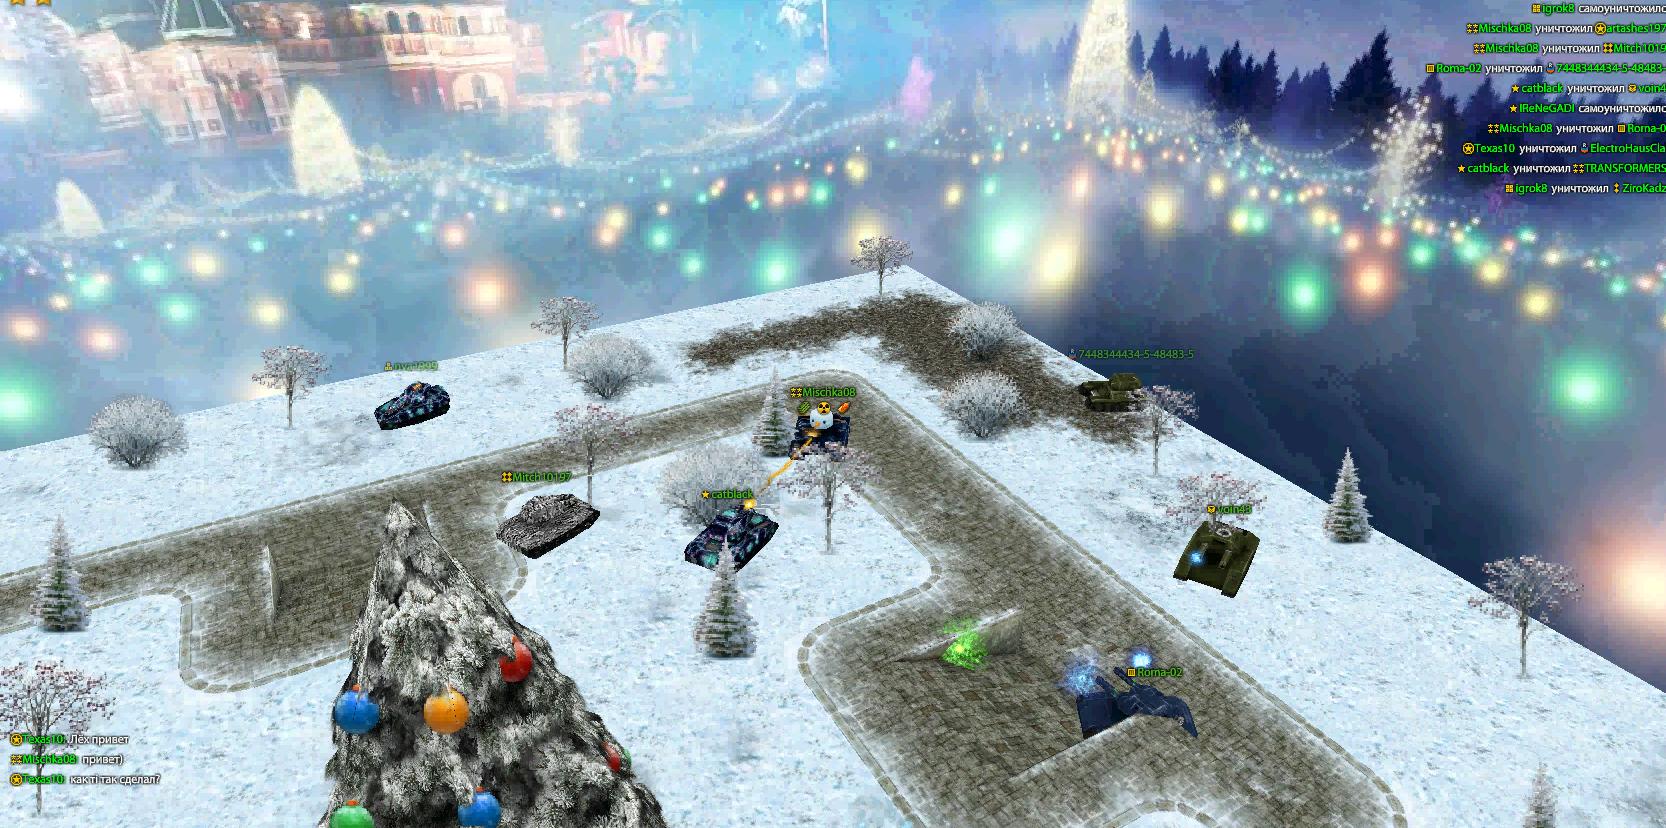 С Новым 2012 годом, друзья ! Принимайте подарки о Танков онлайн